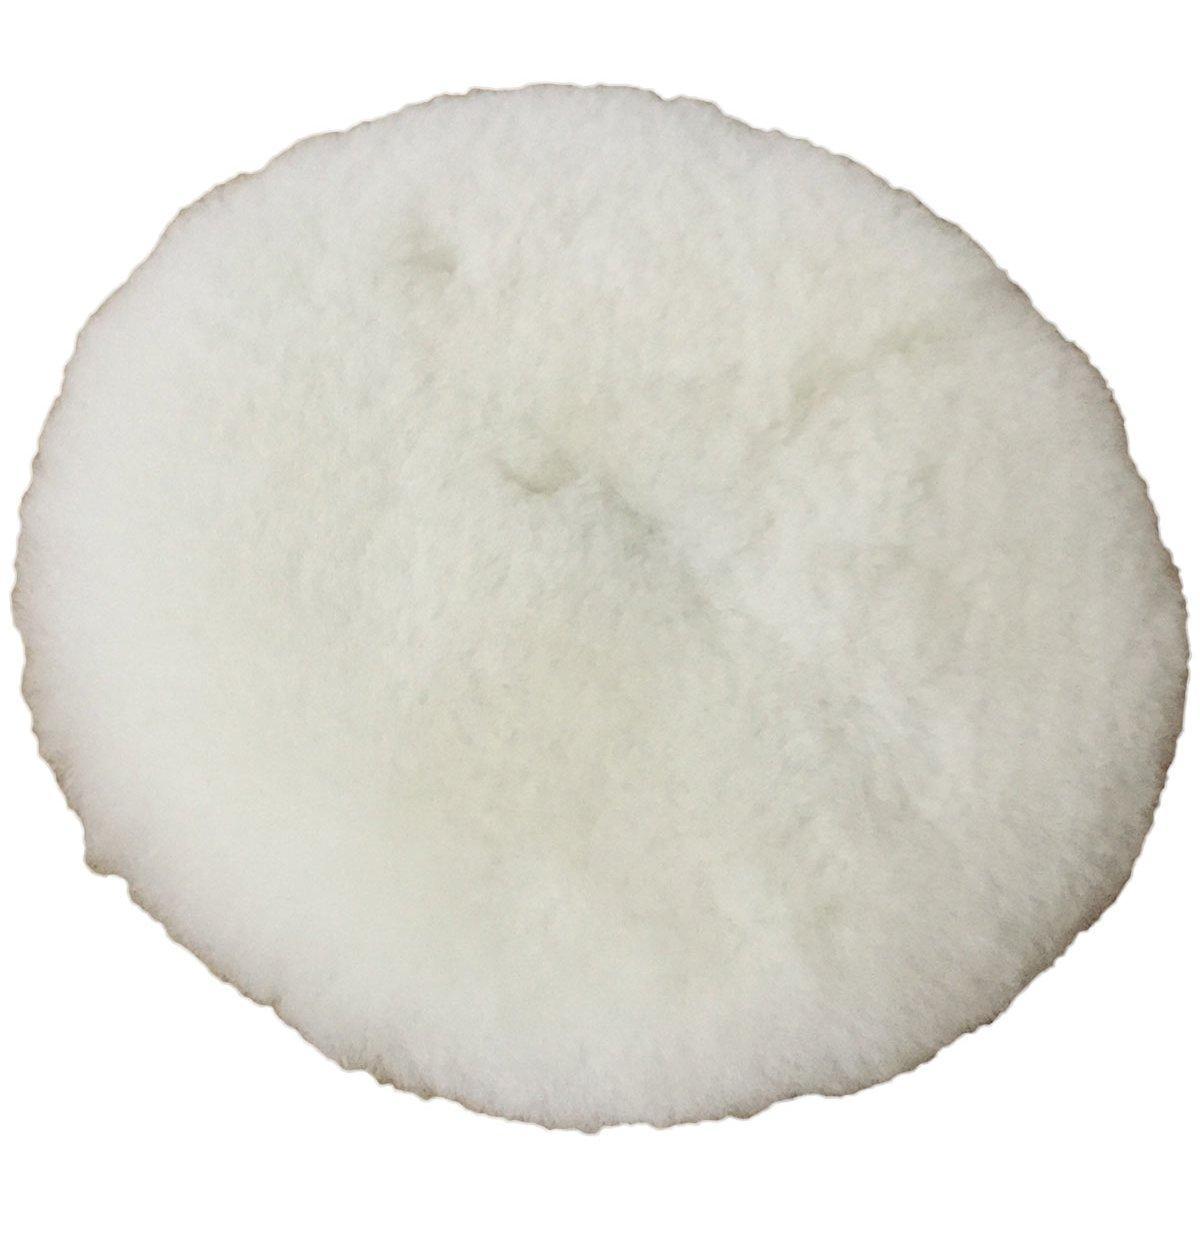 Полировальный круг лама - Koch Chemie Lammfell-Pad mit loch 150 мм. белый (999286)